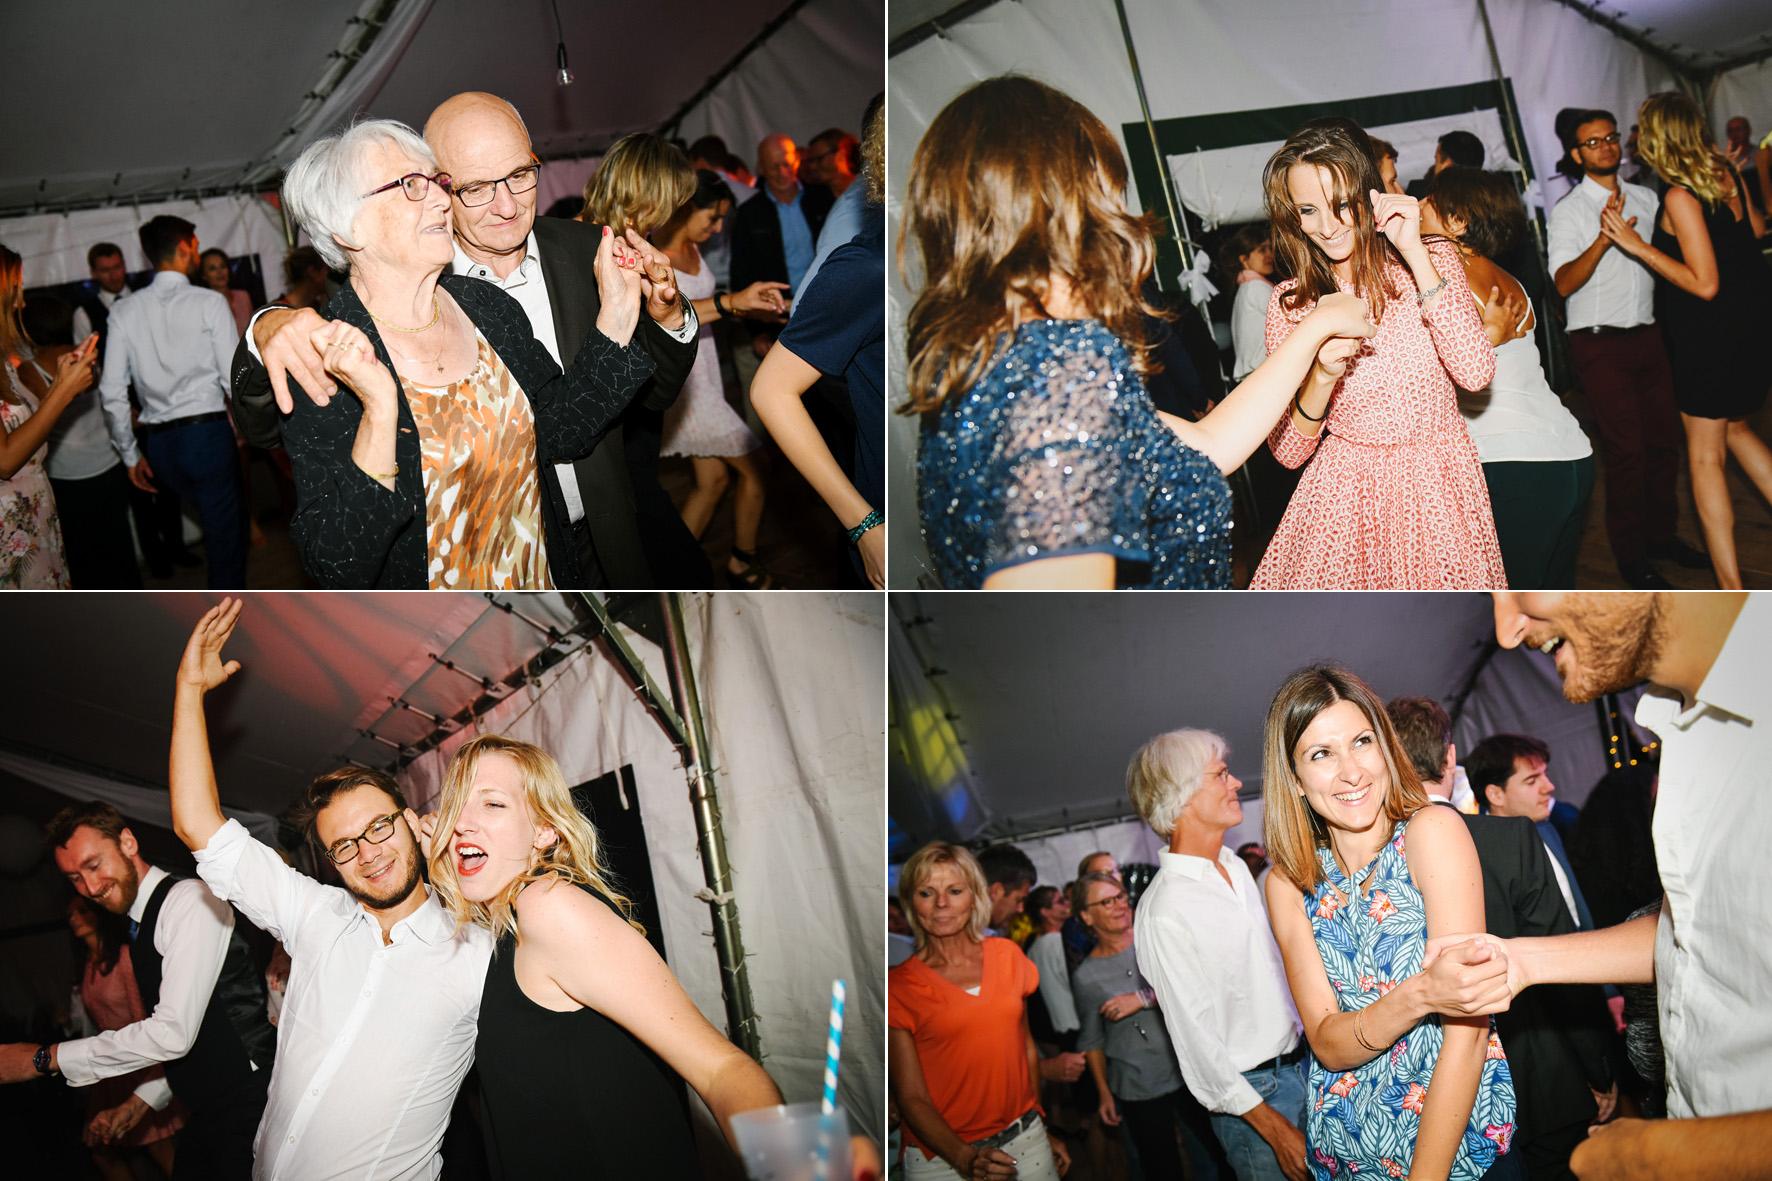 mariage_MT_les Faucheries_72_Sarthe_photographie_clemence_dubois_MEP 21